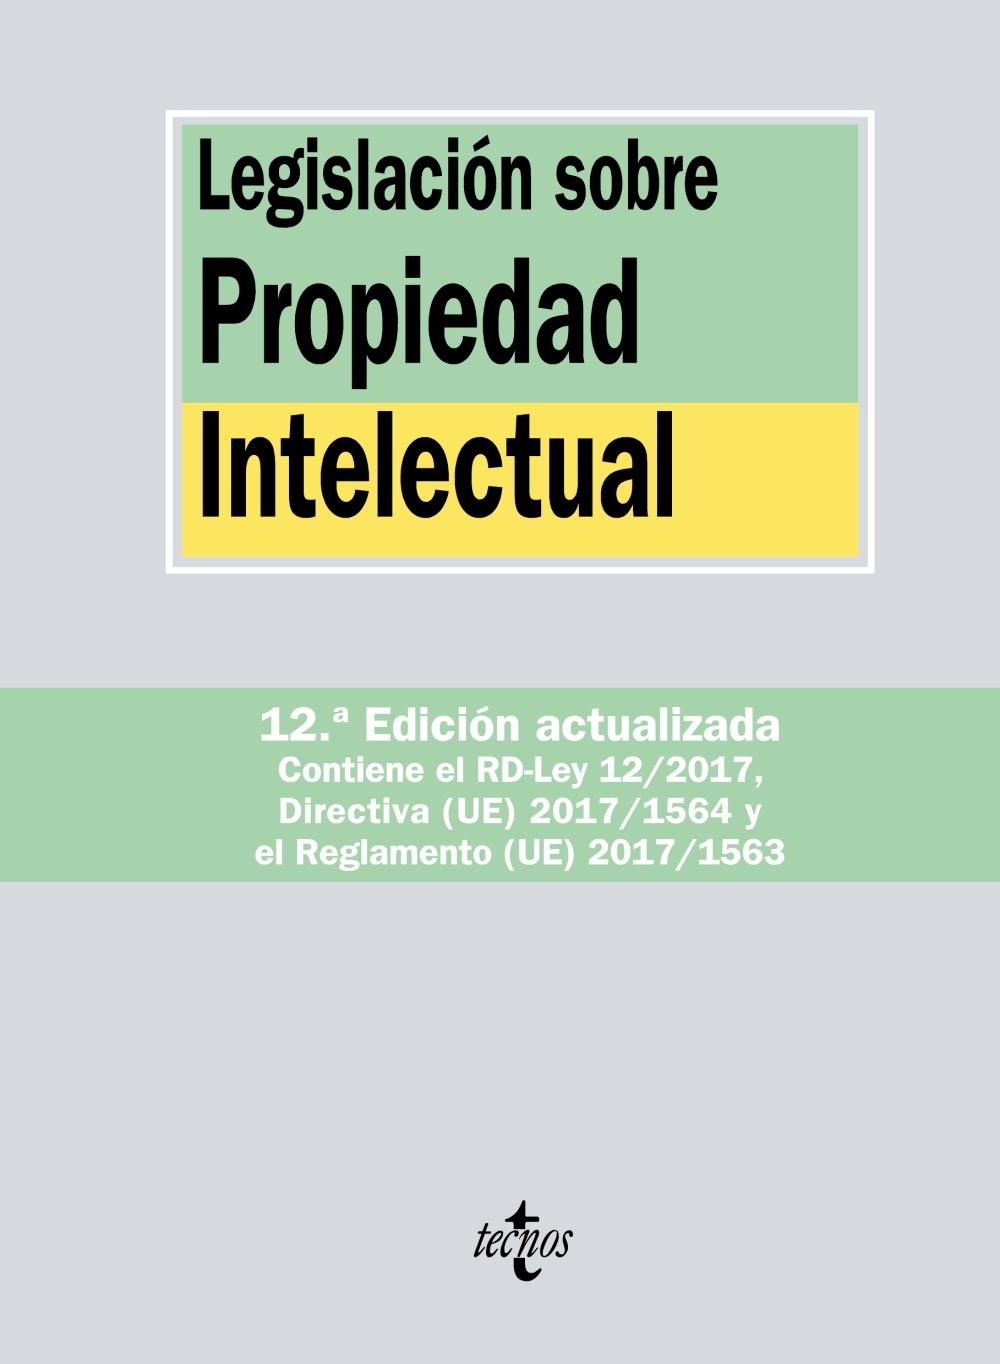 Legislación sobre Propiedad Intelectual